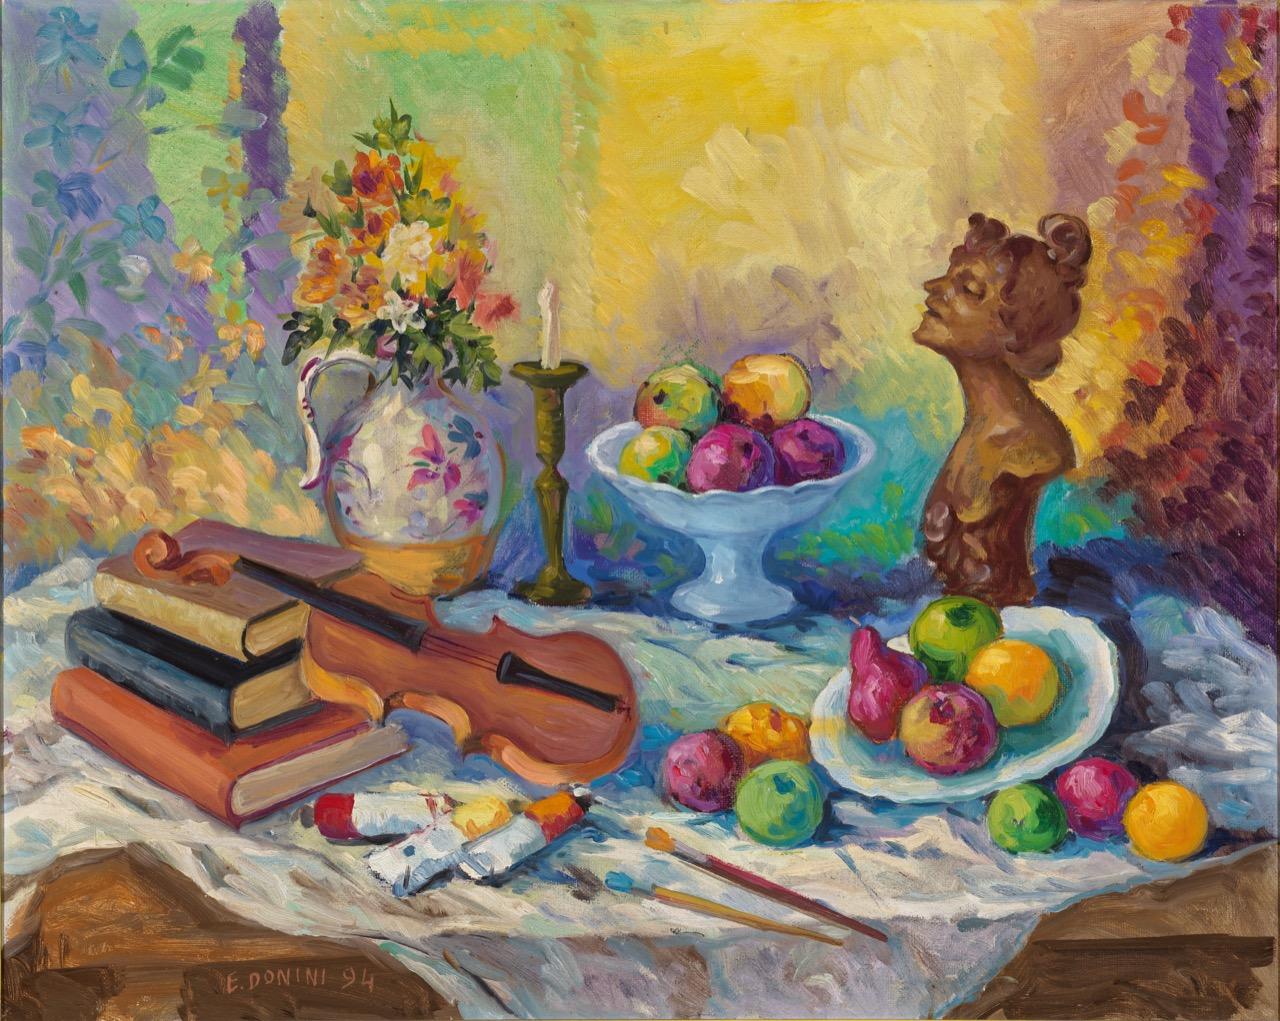 Quattro Muse, 1994, olio su tela, 80x100 cm